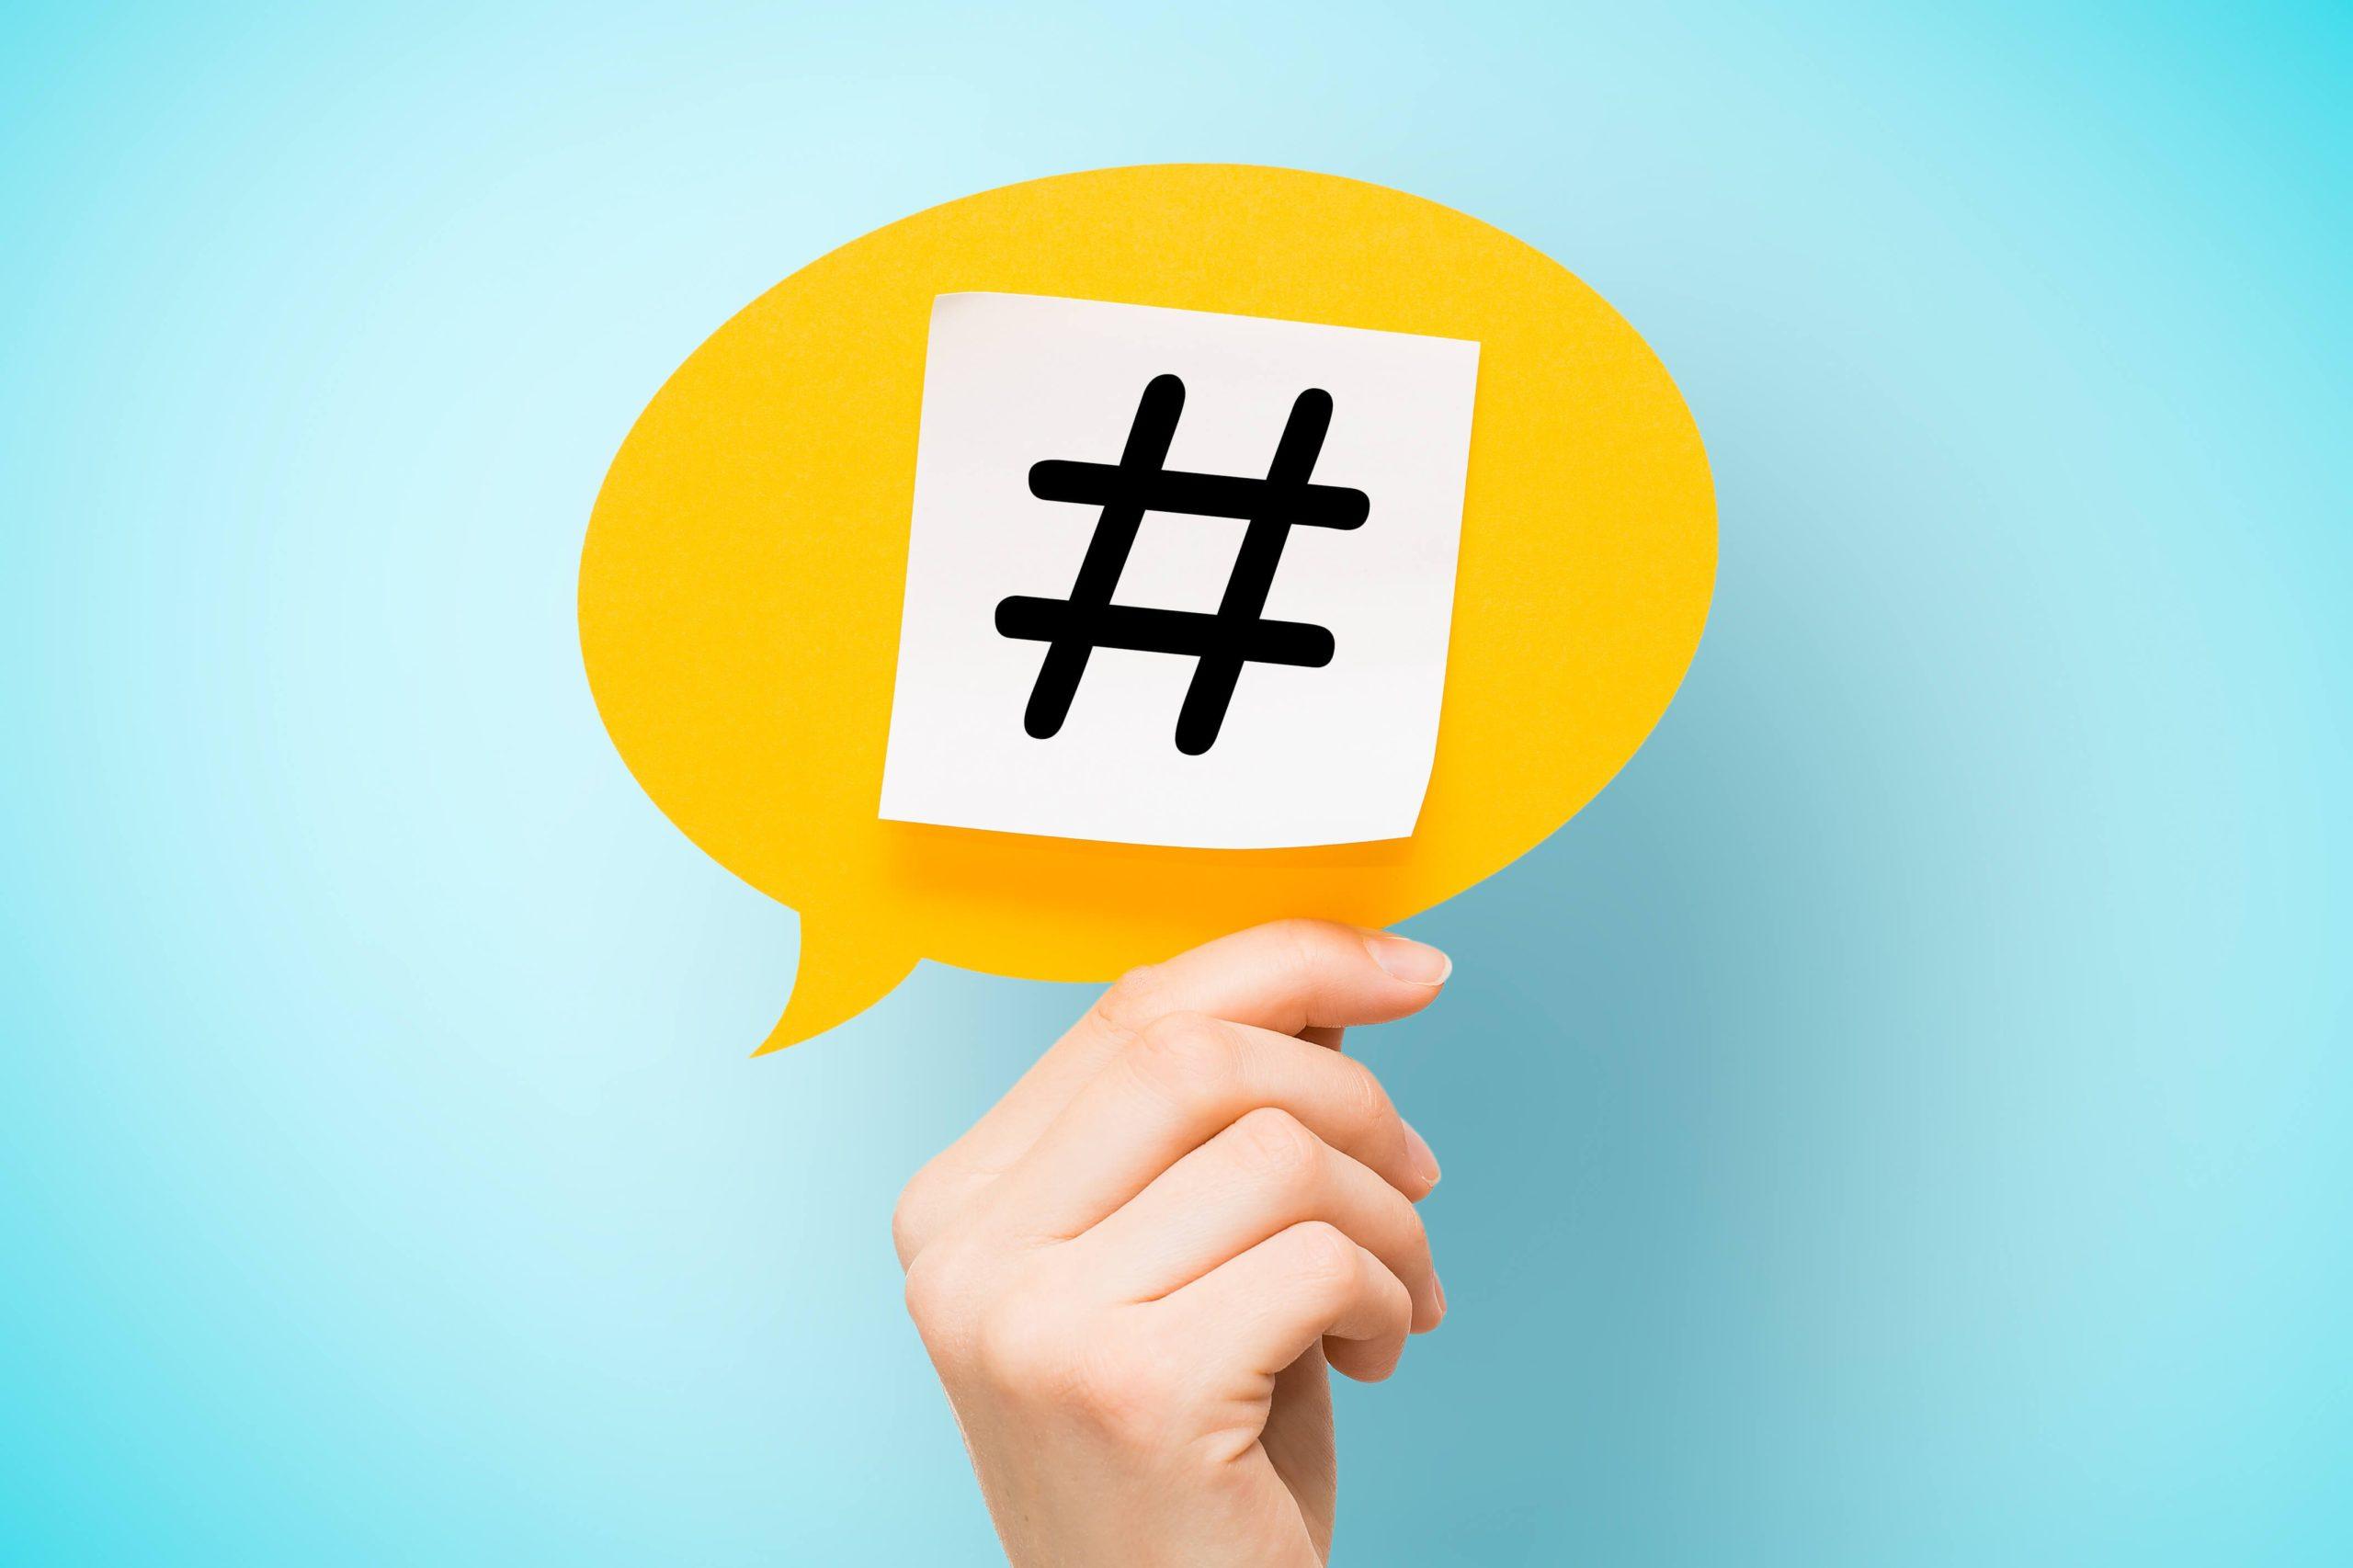 Hartstikke hashtag